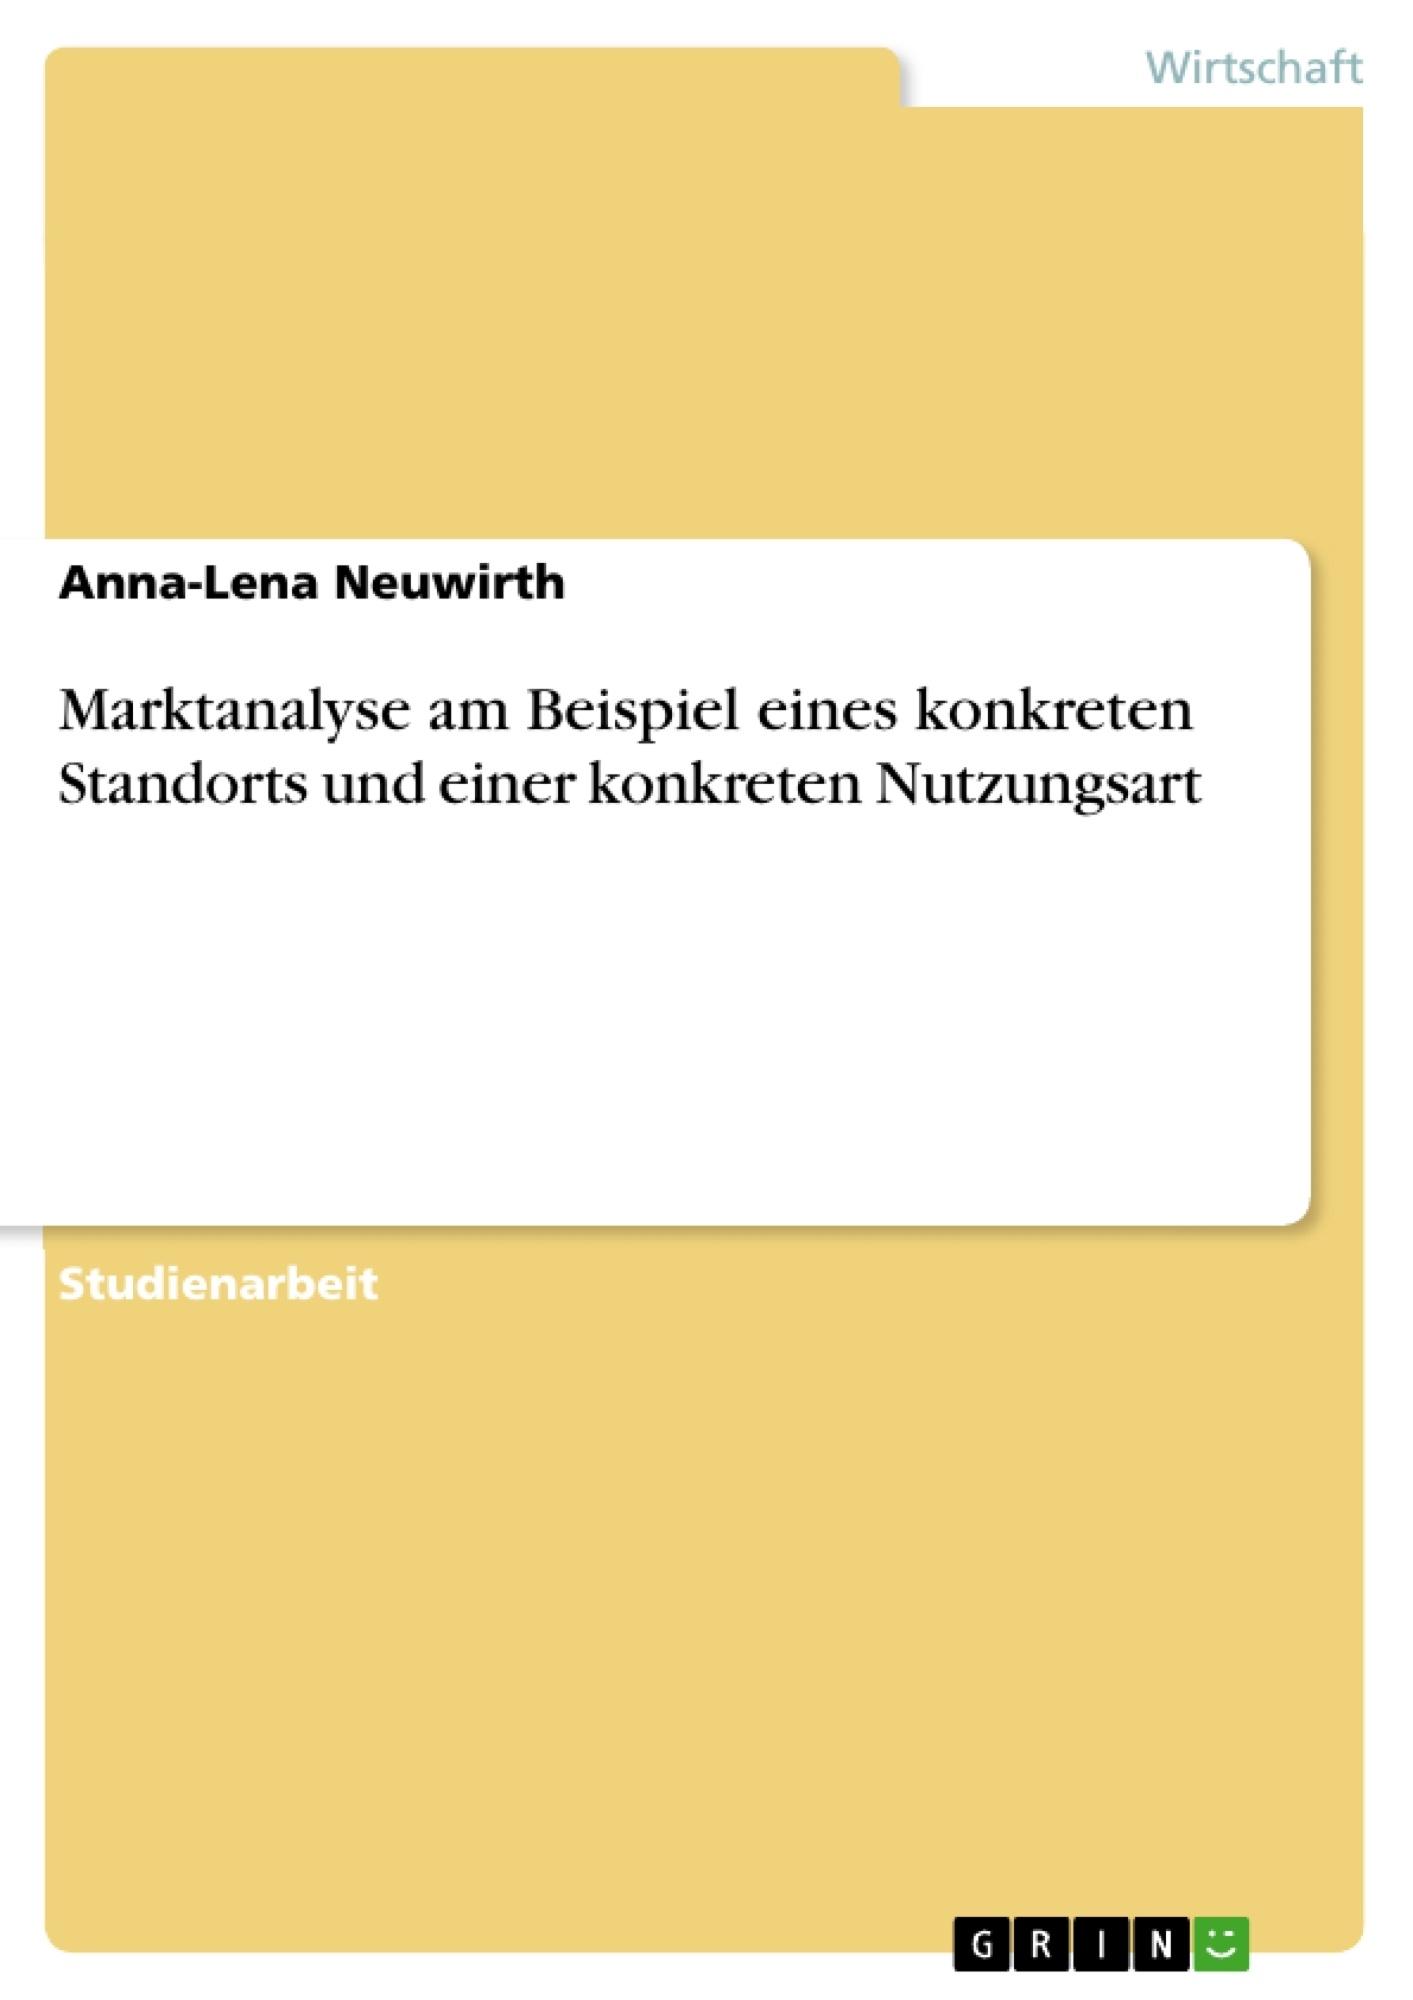 Titel: Marktanalyse am Beispiel eines konkreten Standorts und einer konkreten Nutzungsart